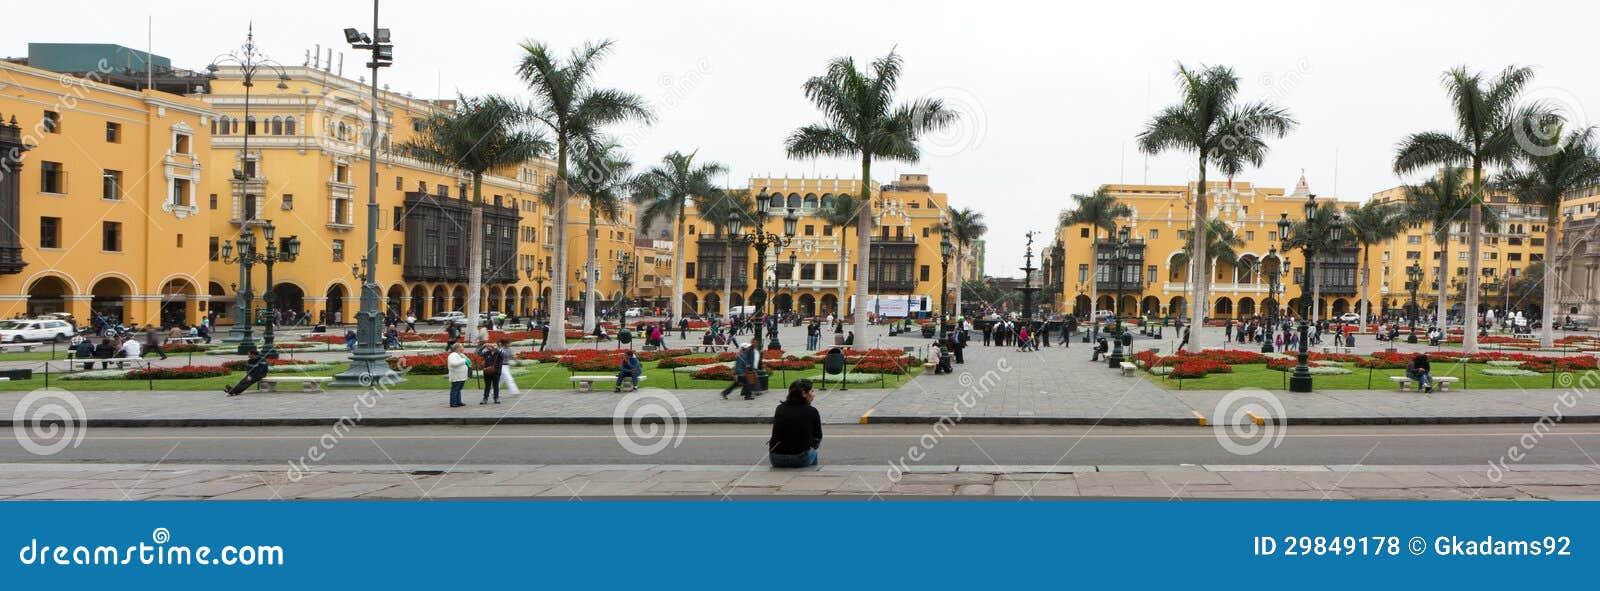 Mayor da plaza (anteriormente, Plaza de Armas) de Lima, Peru